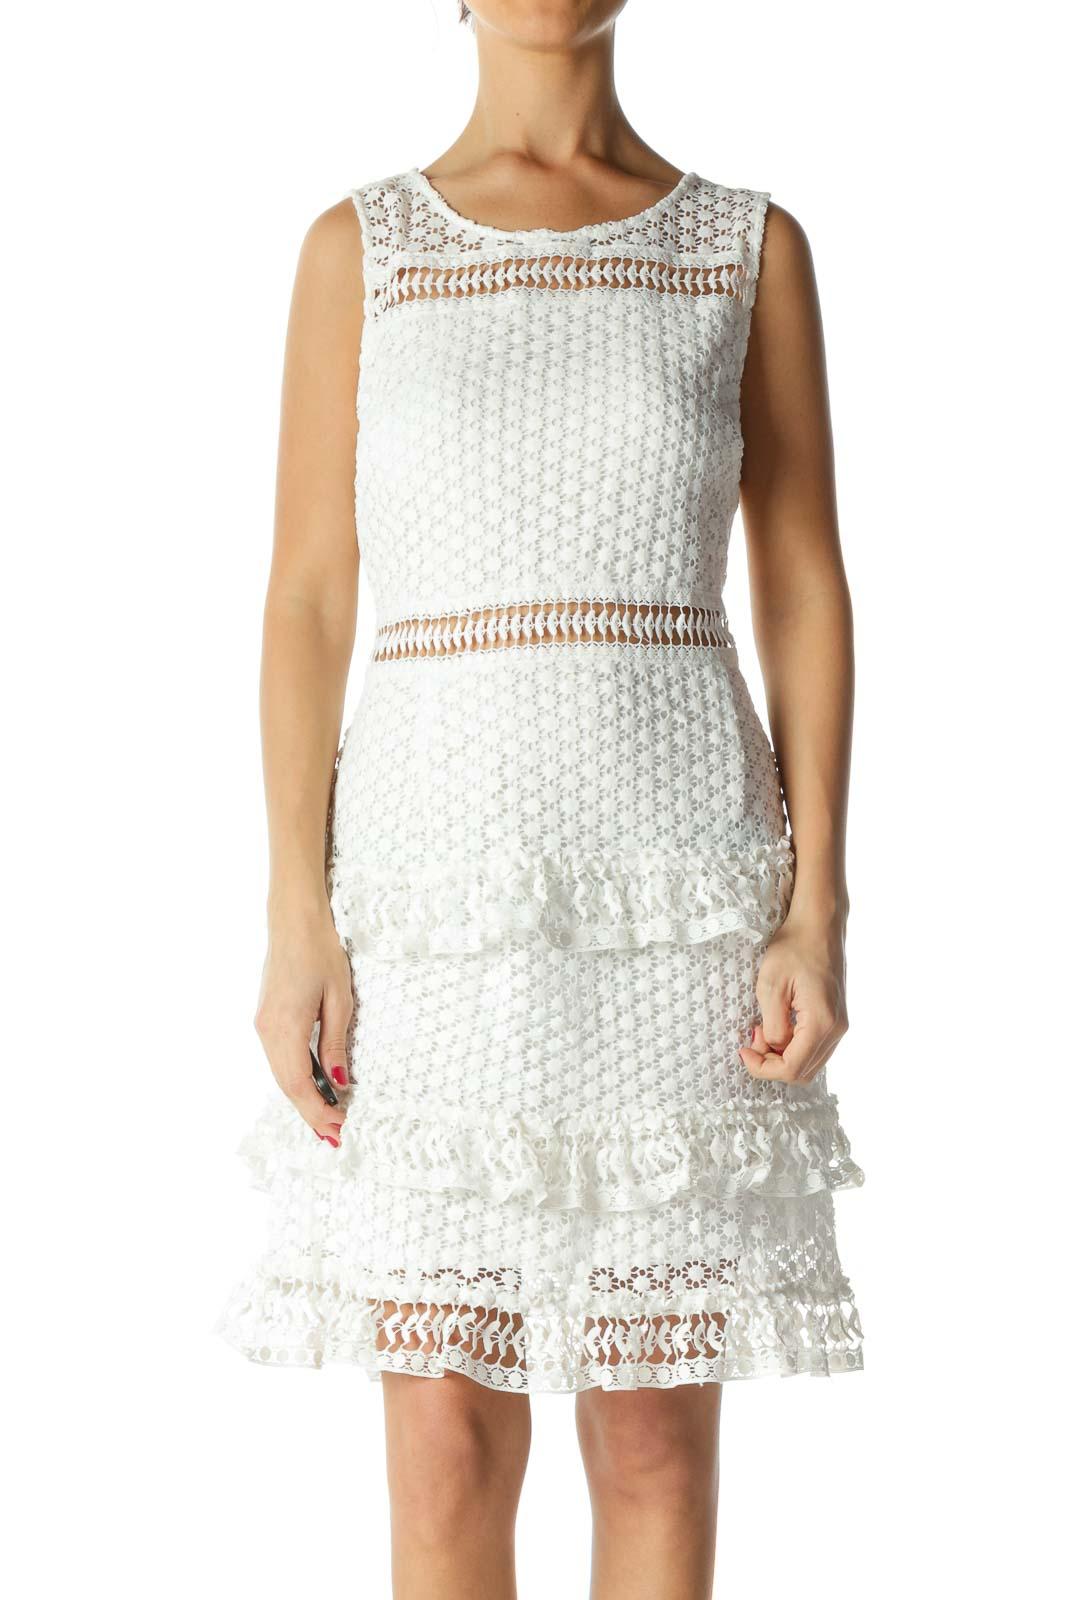 White Layered Lace Sheath Dress Front